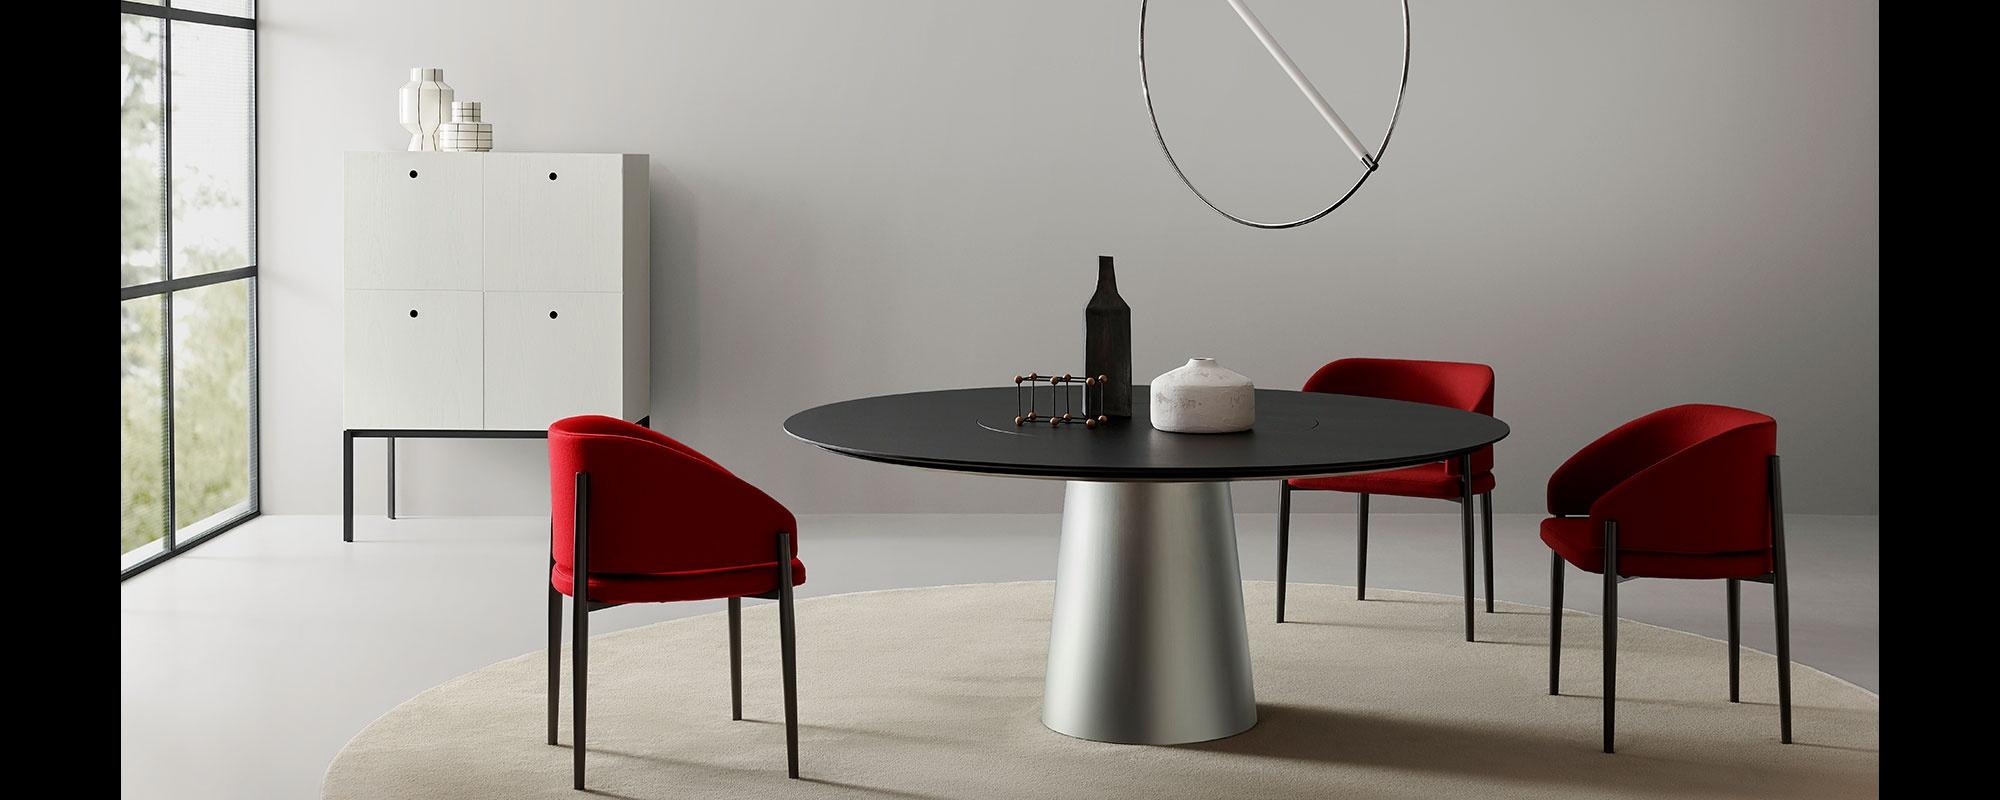 Porro - 所有产品 - 发现系统家具和精品家具